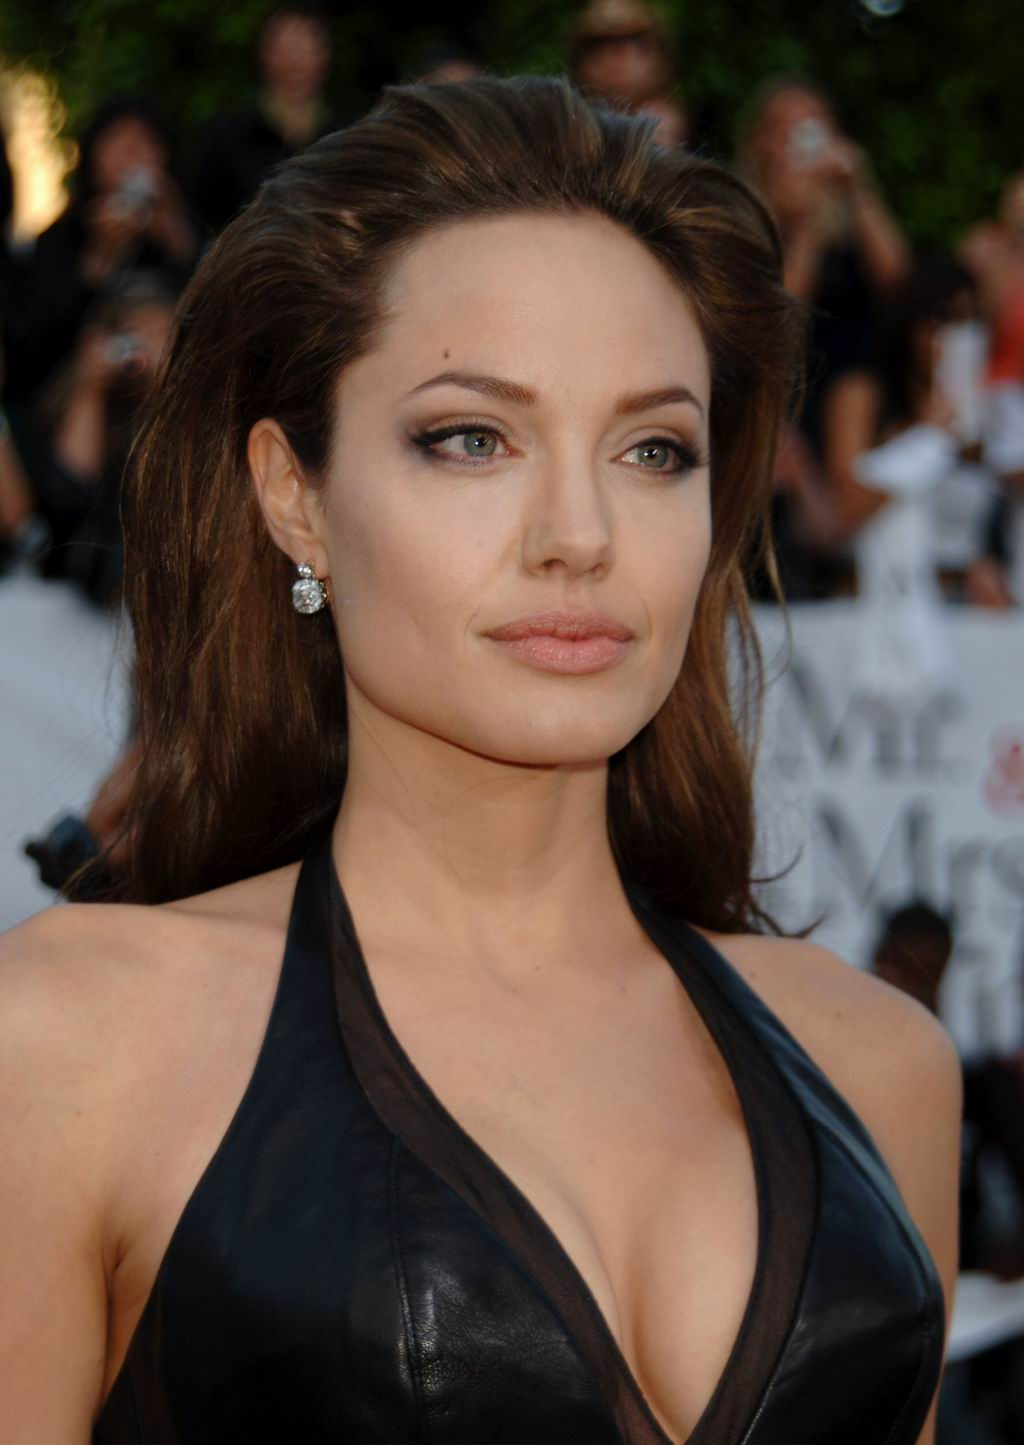 http://2.bp.blogspot.com/-rSpoweTbWCo/Tdo0FAMCJWI/AAAAAAAACww/DTN9cpFr3jo/s1600/Angelina-Jolie.jpg